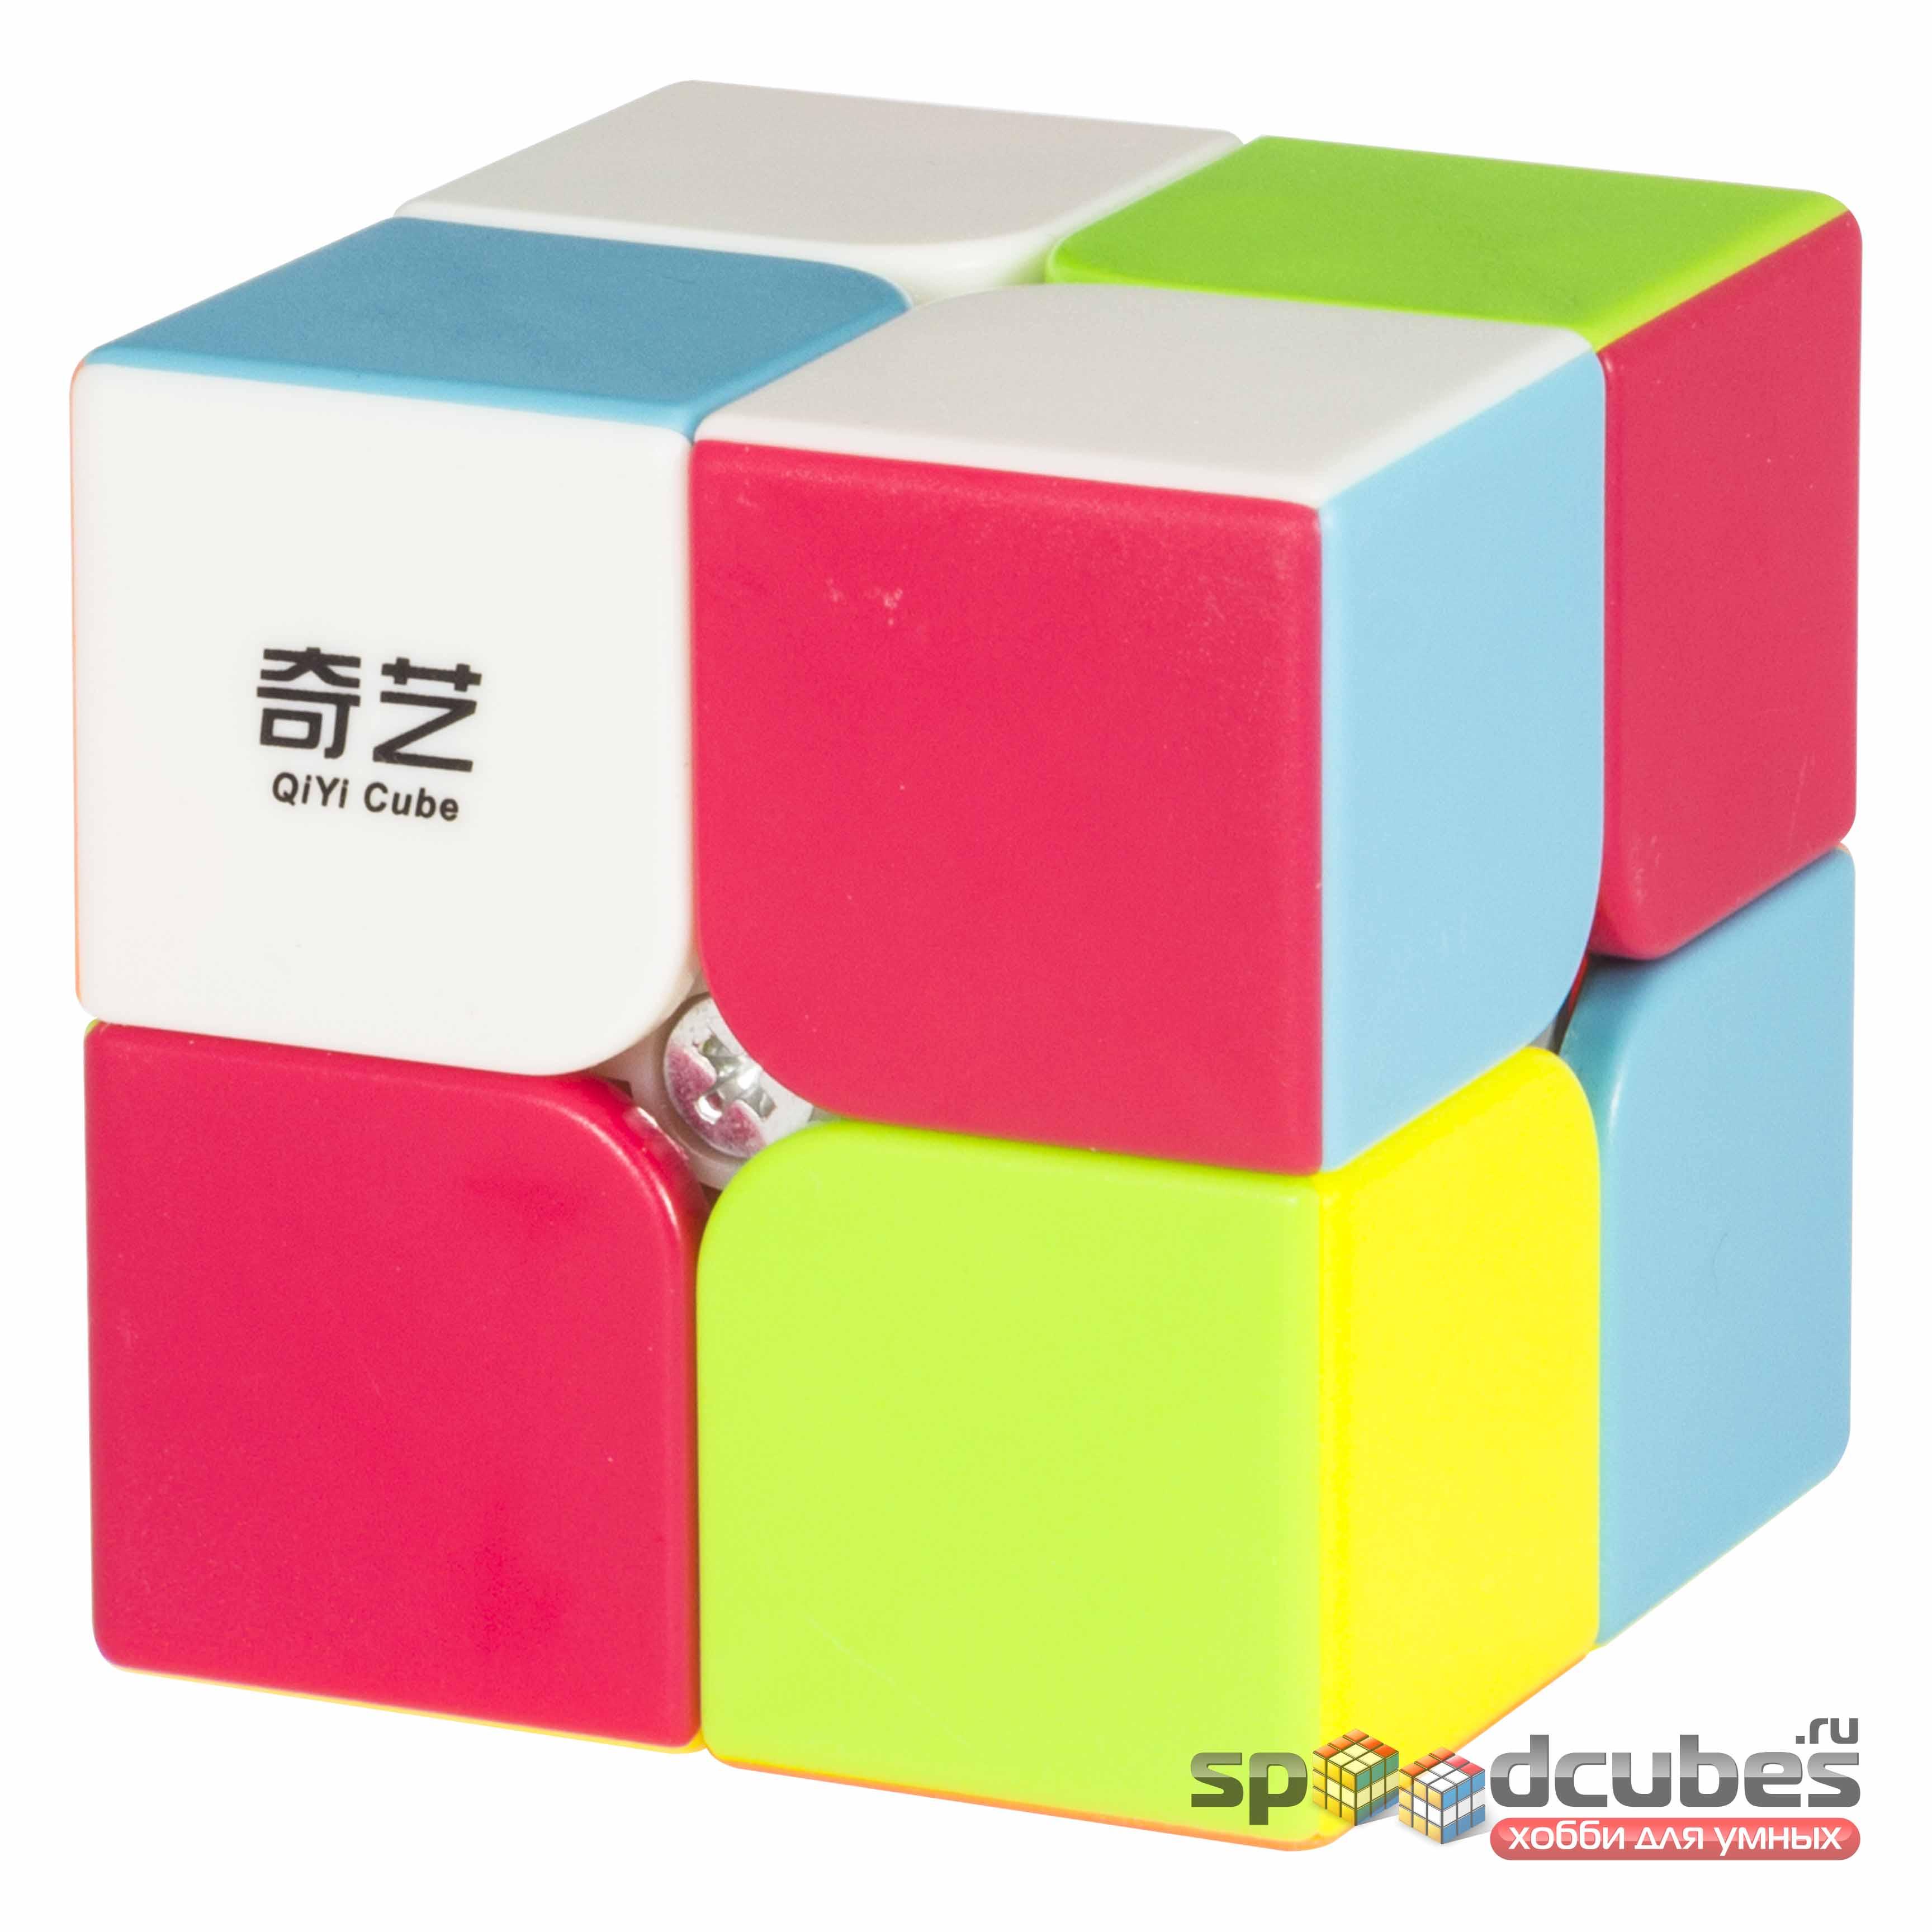 QiYi (MofangGe) 2x2x2 QiDi S 3